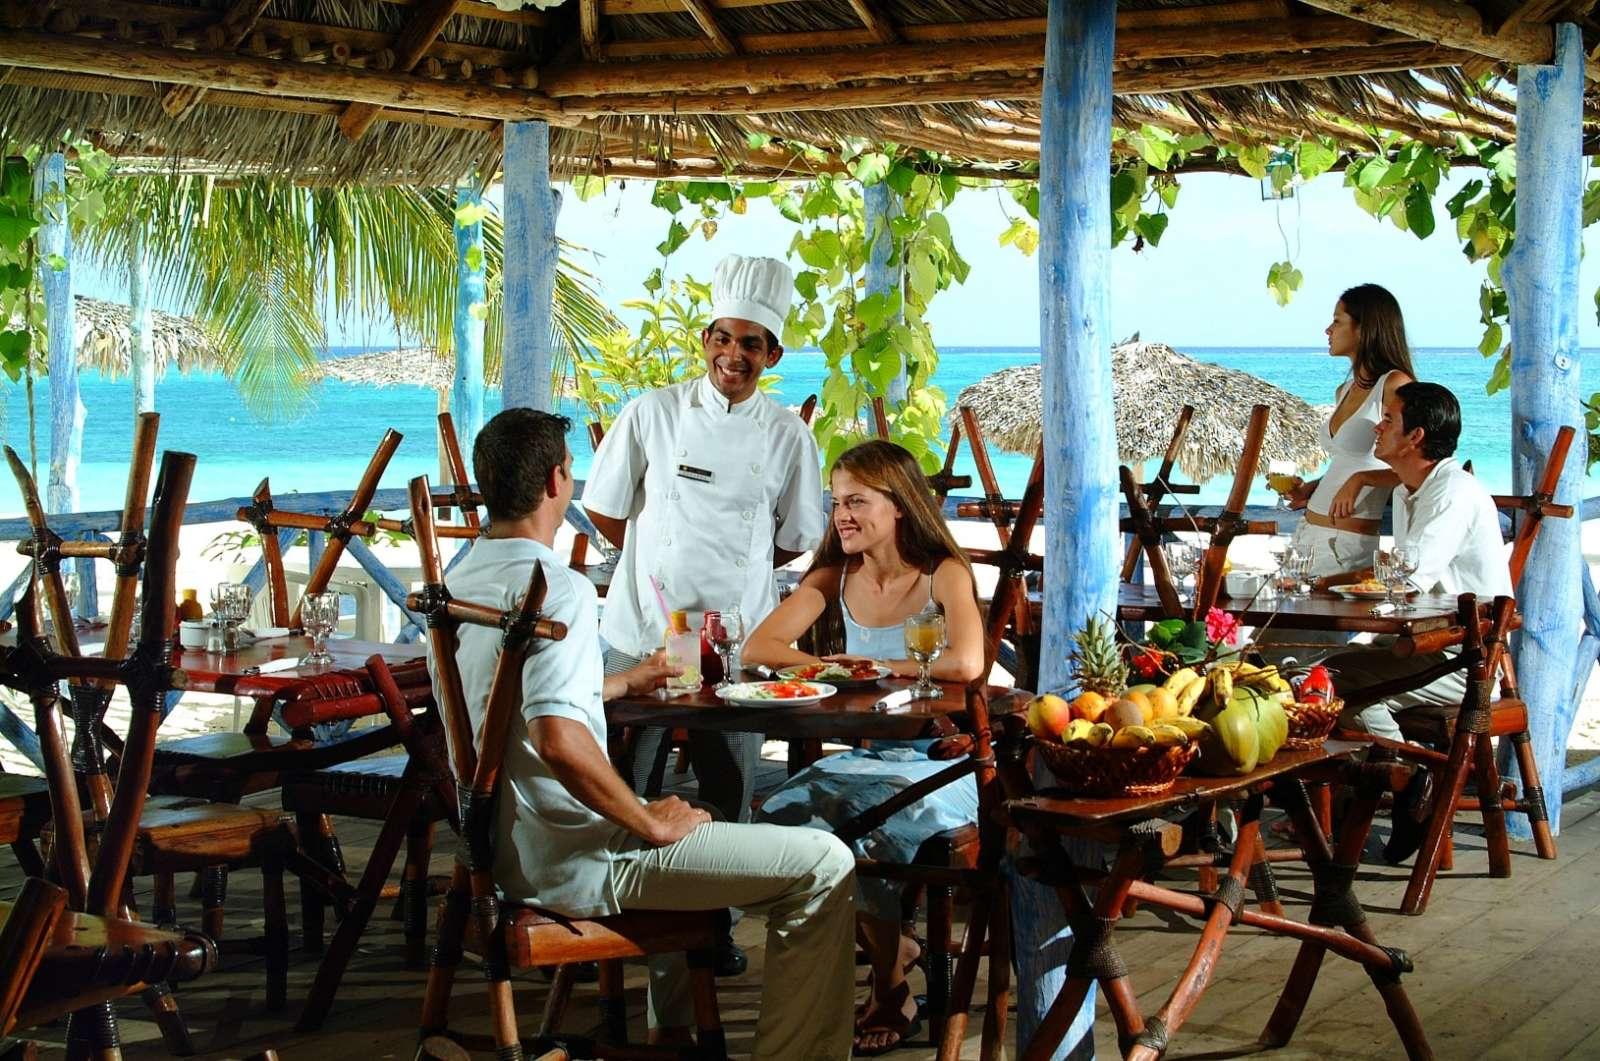 Beach restaurant at Sol Rio De Luna Y Mares